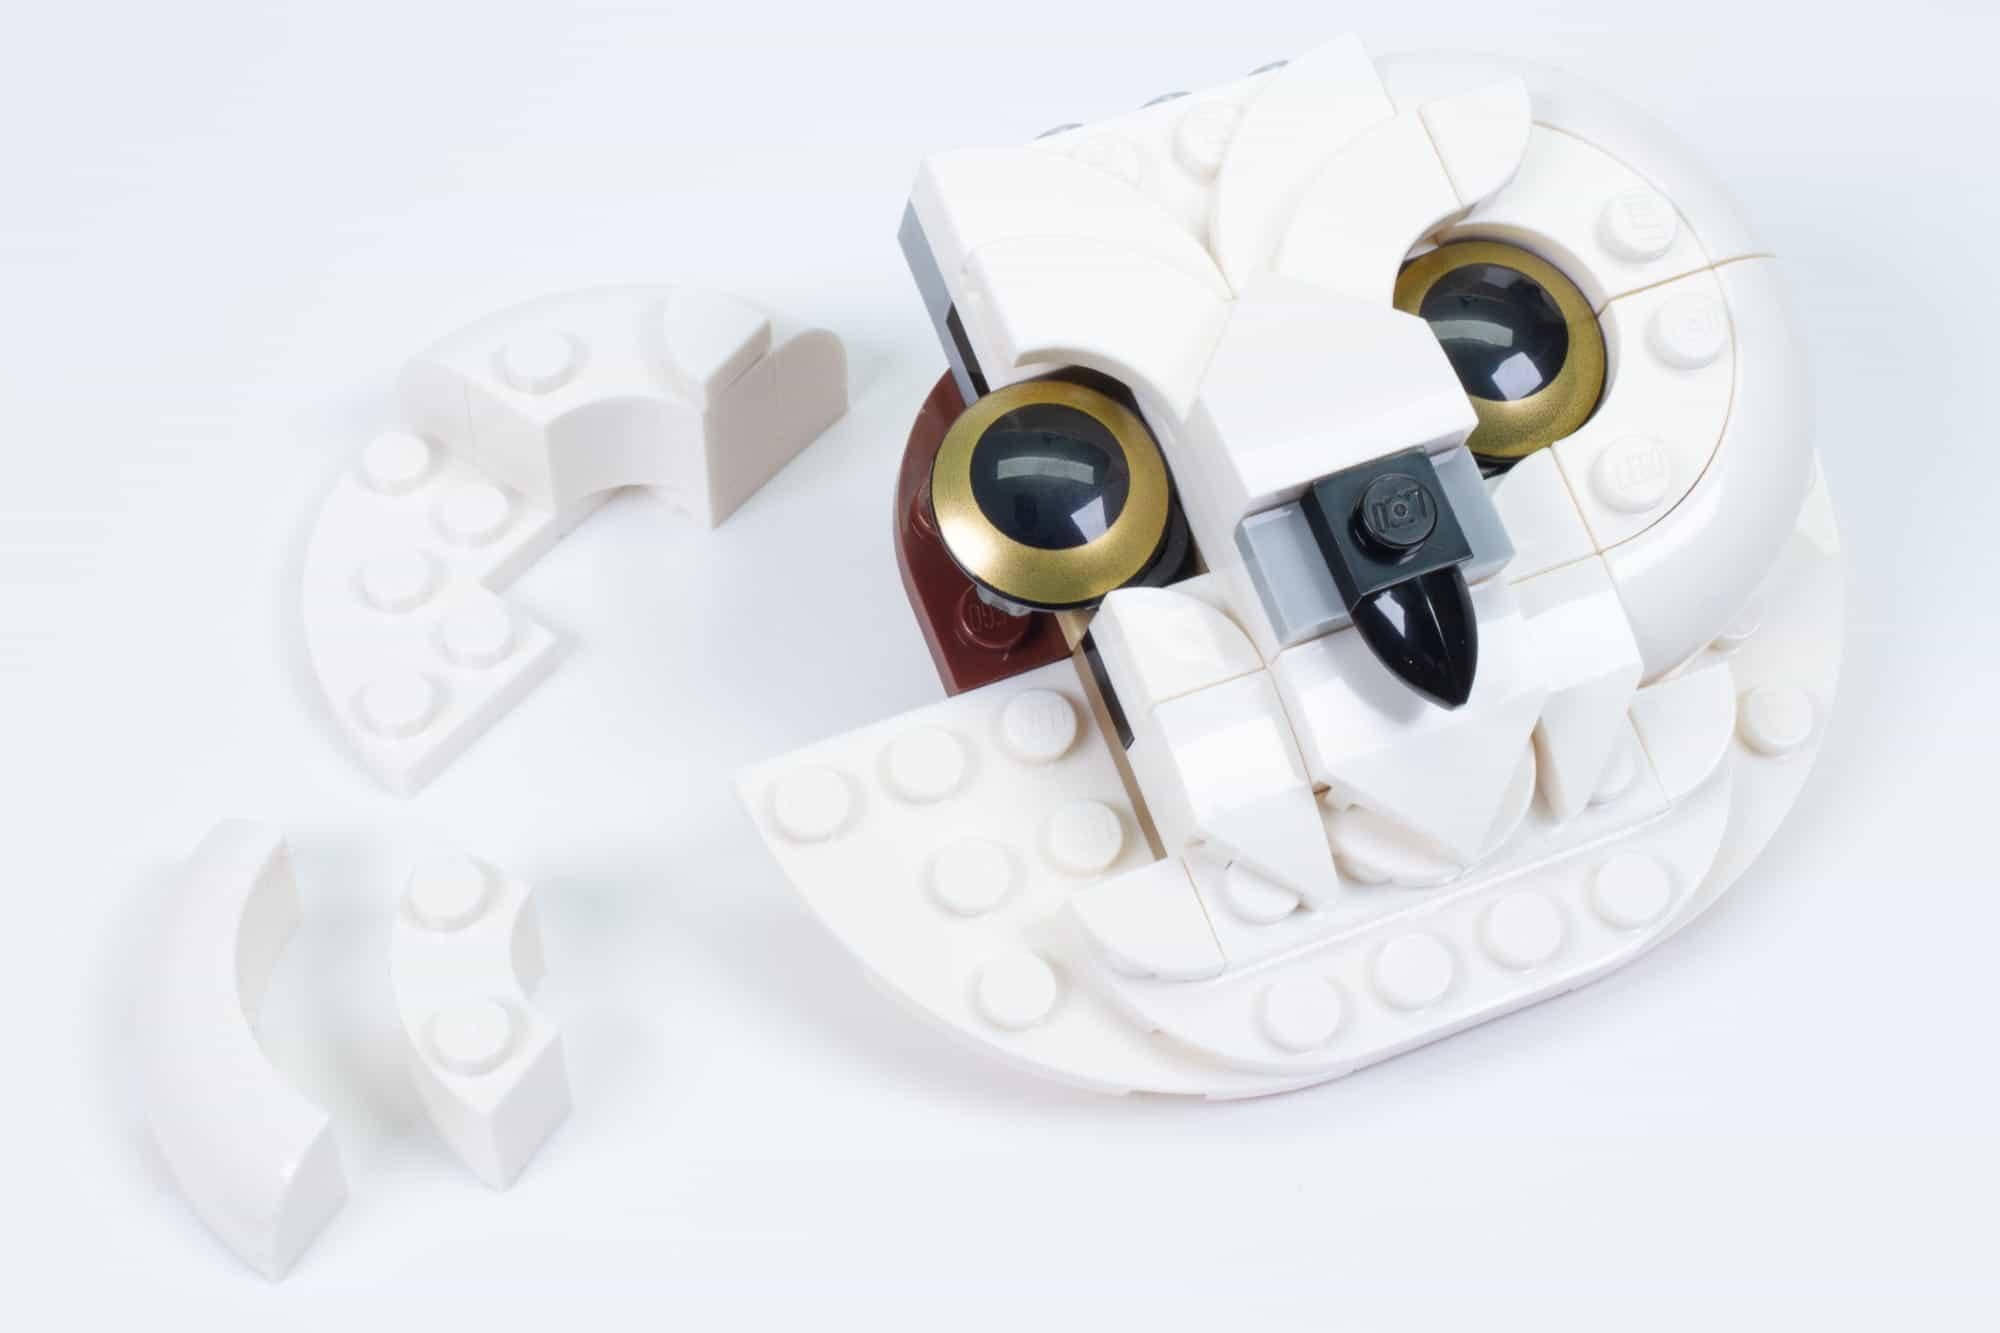 LEGO 76391 Hogwarts Icons Review Schritt 16 3